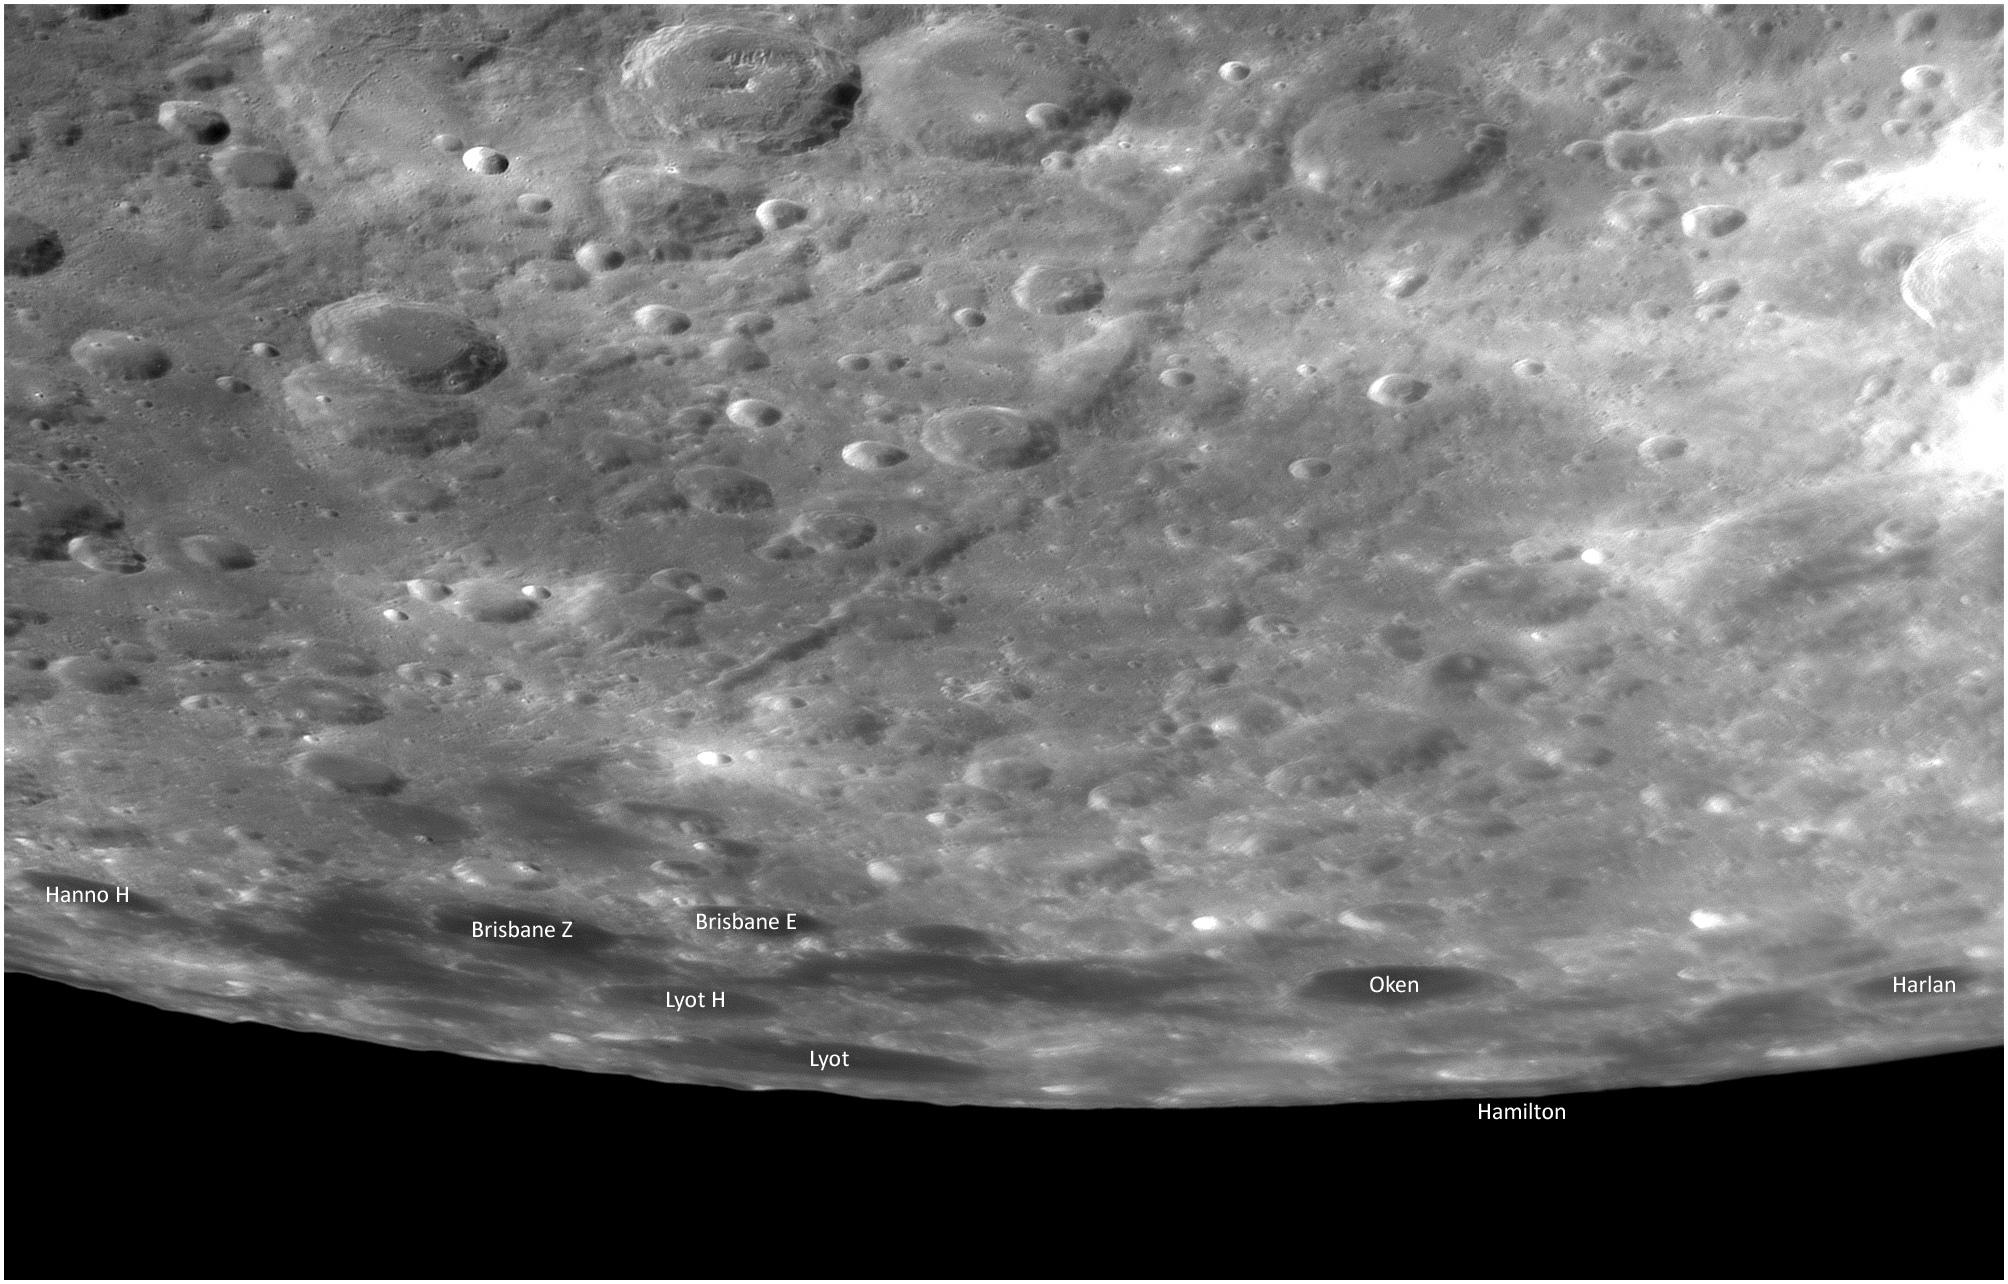 2019_05_12 Mare Australe avec noms